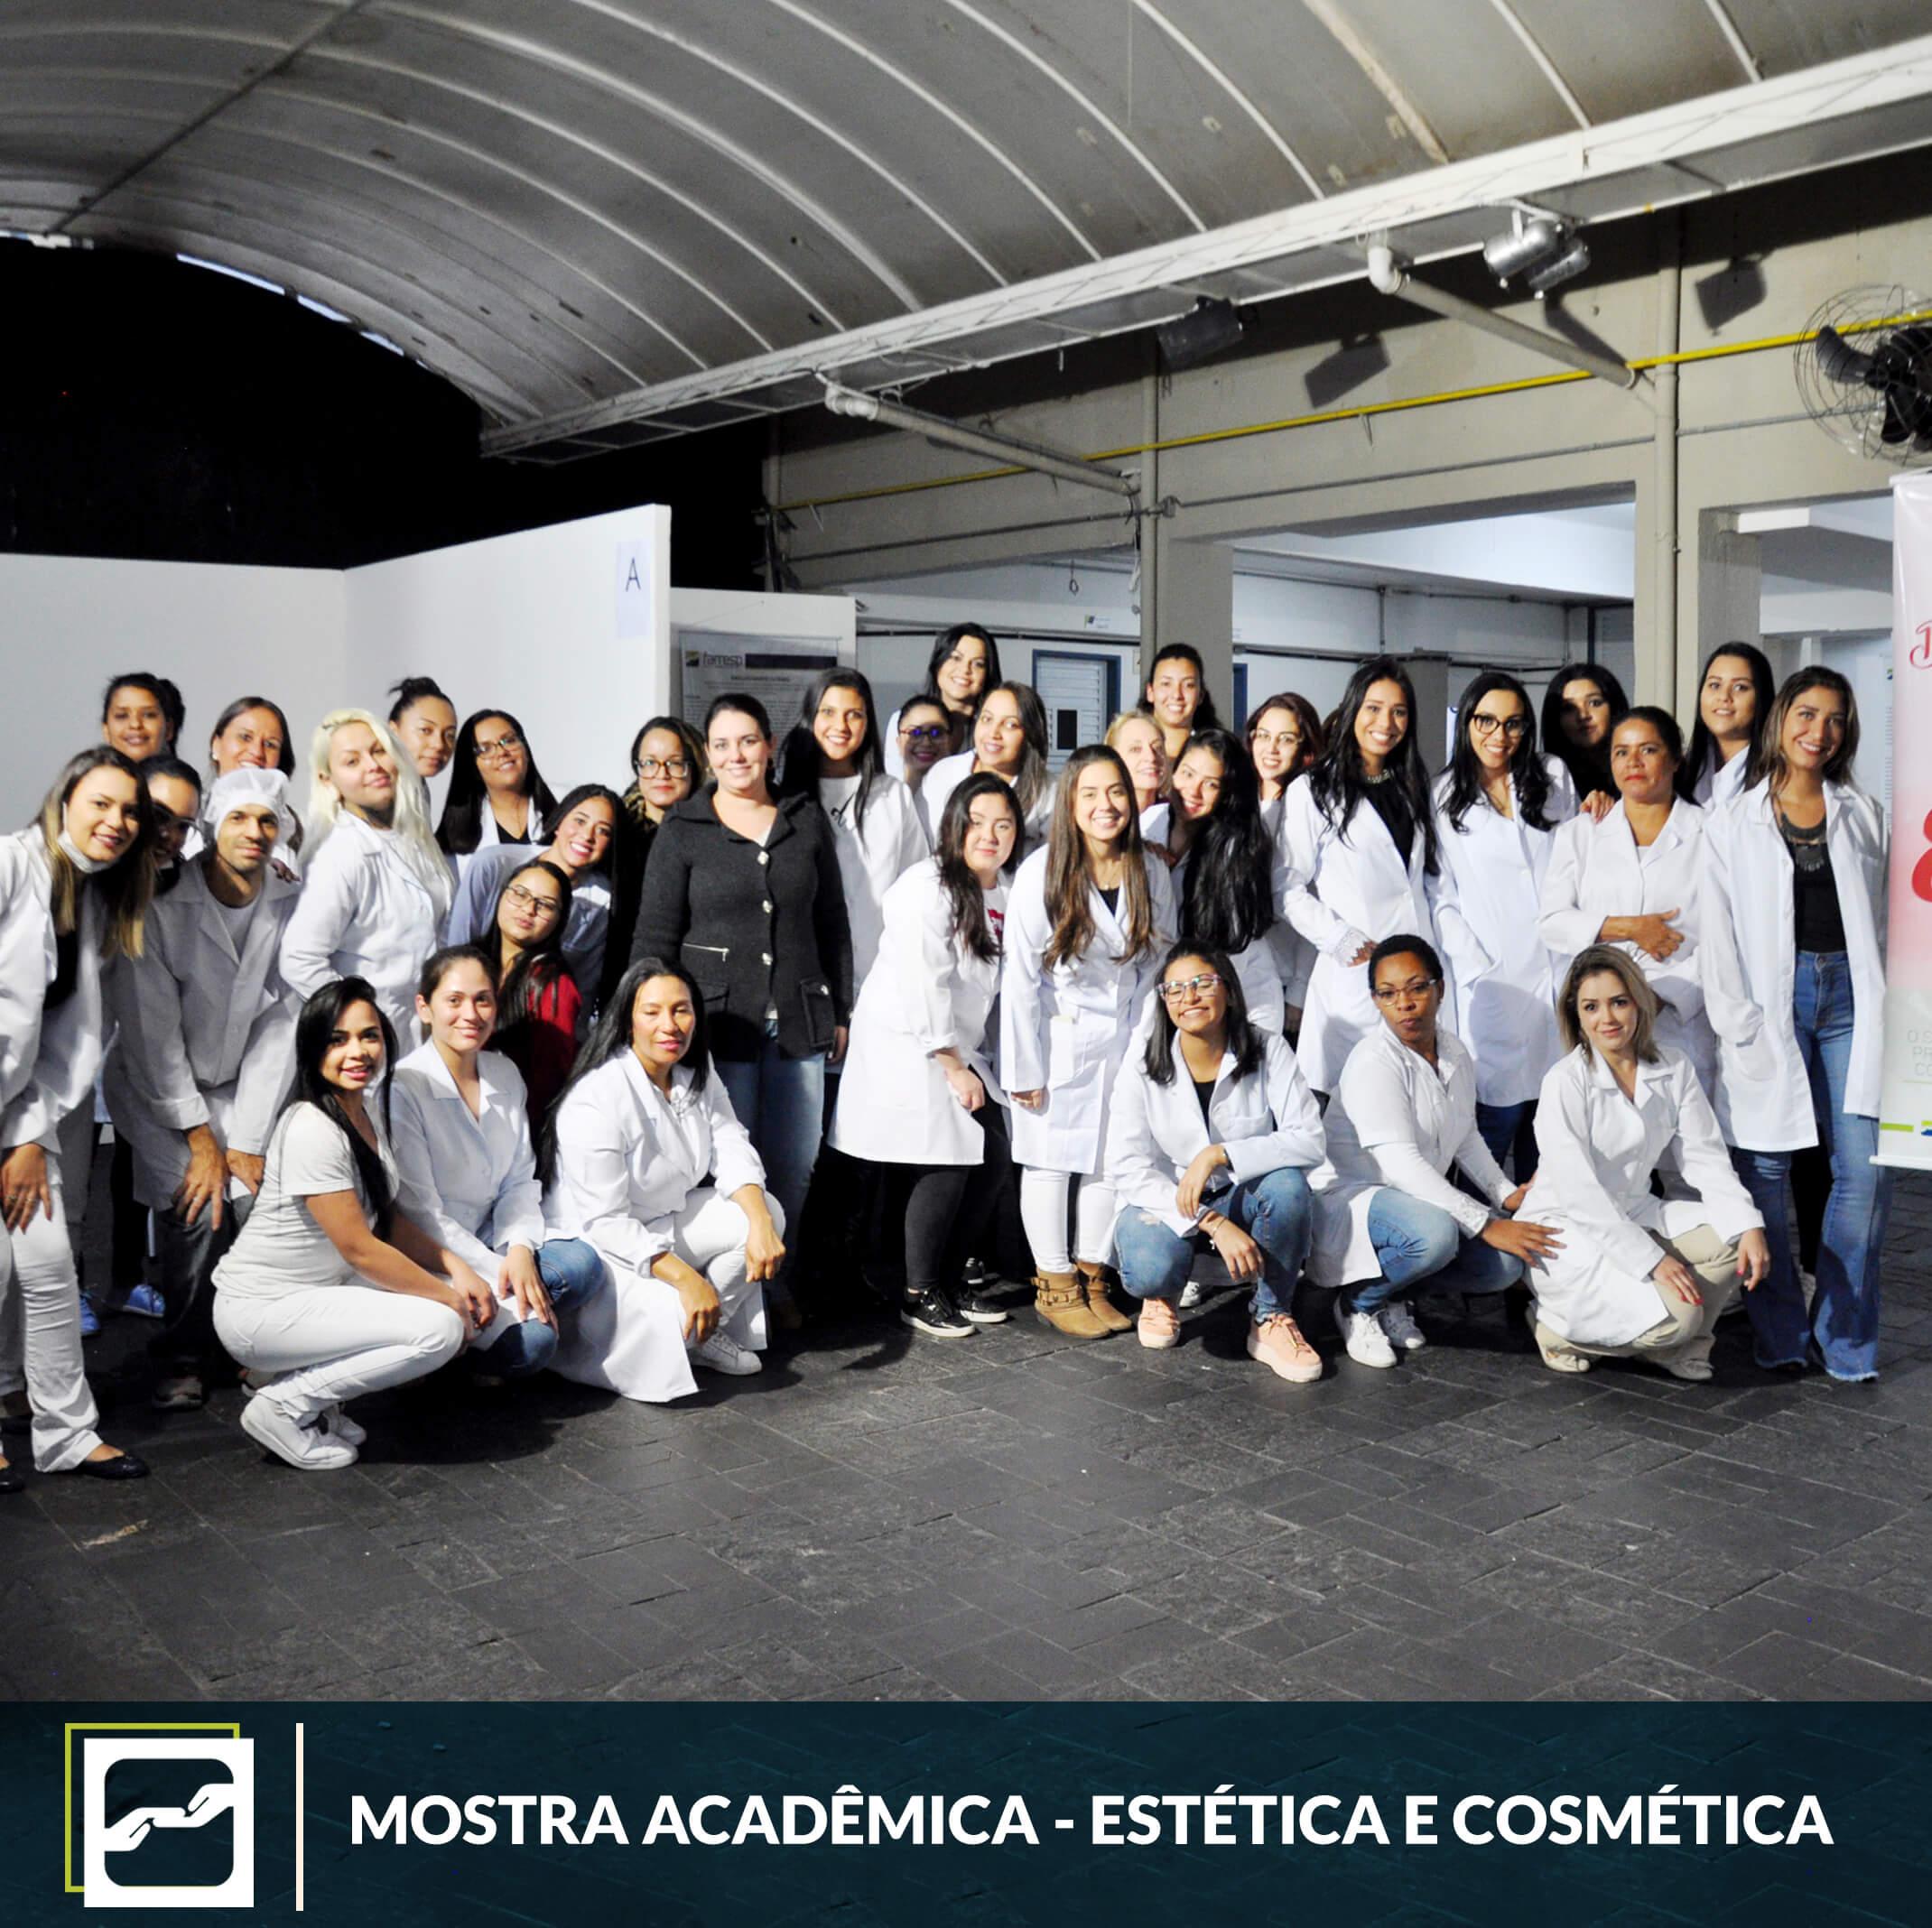 mostra-academia-estetica-cosmetica-famesp-45